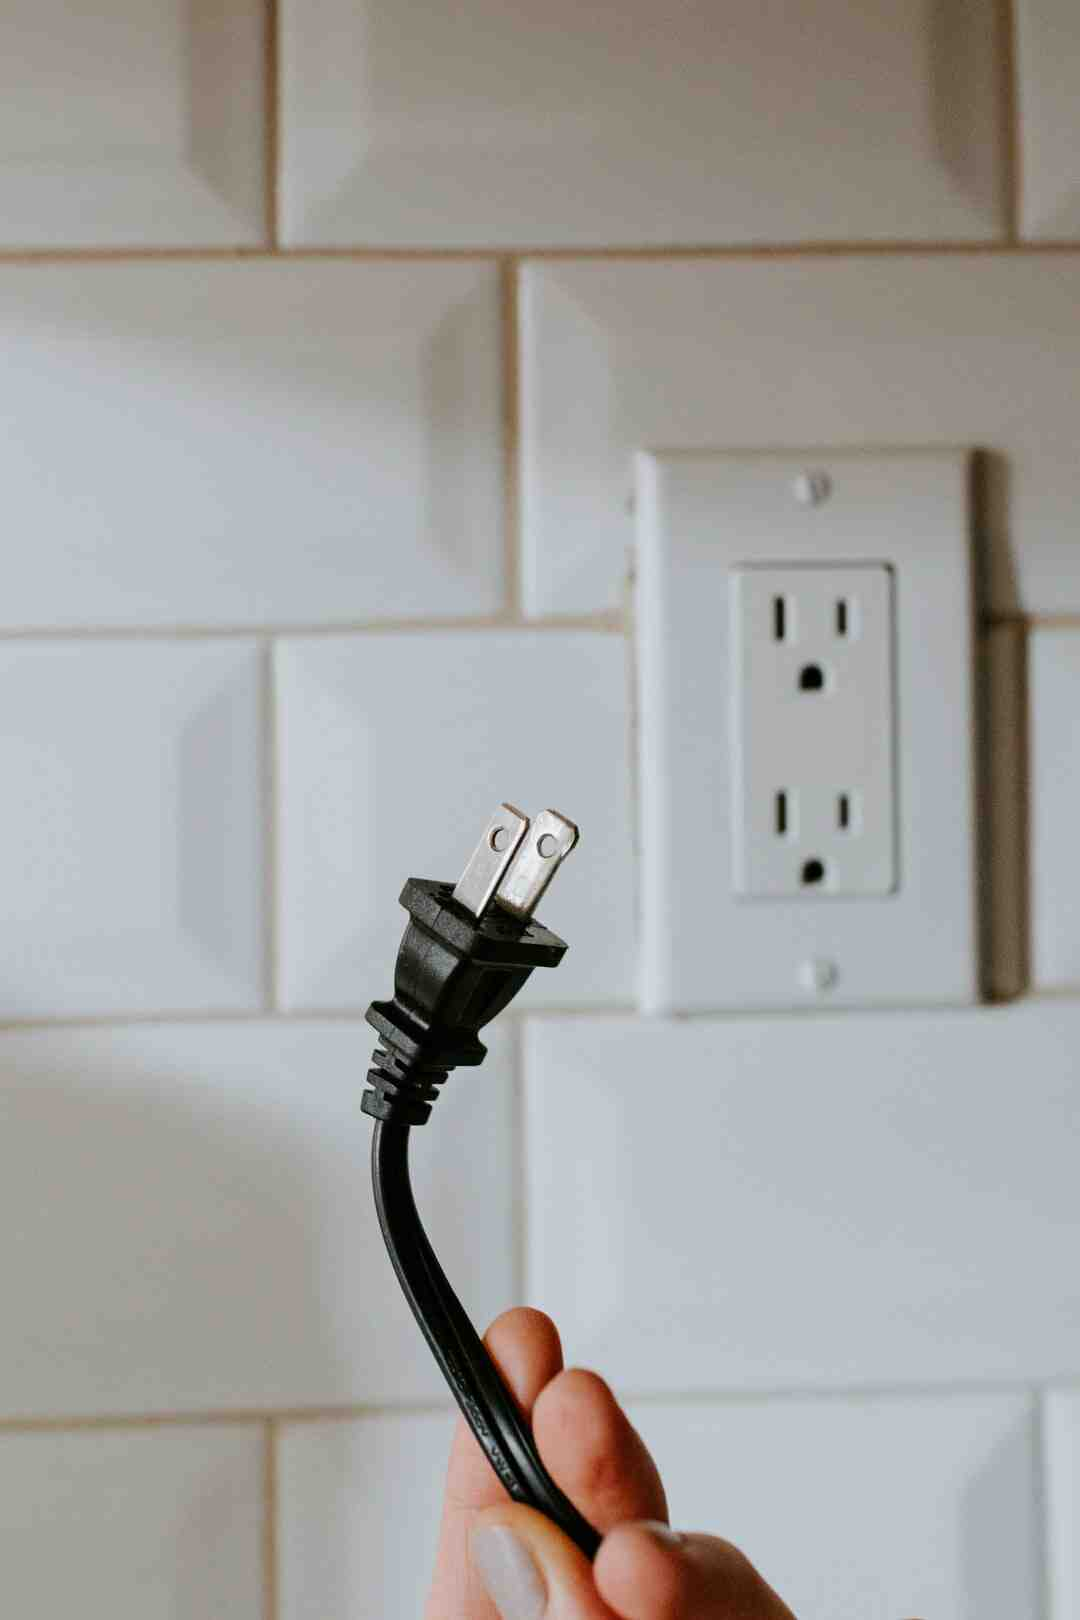 Comment enlever les fils electriques d'une douille dcl